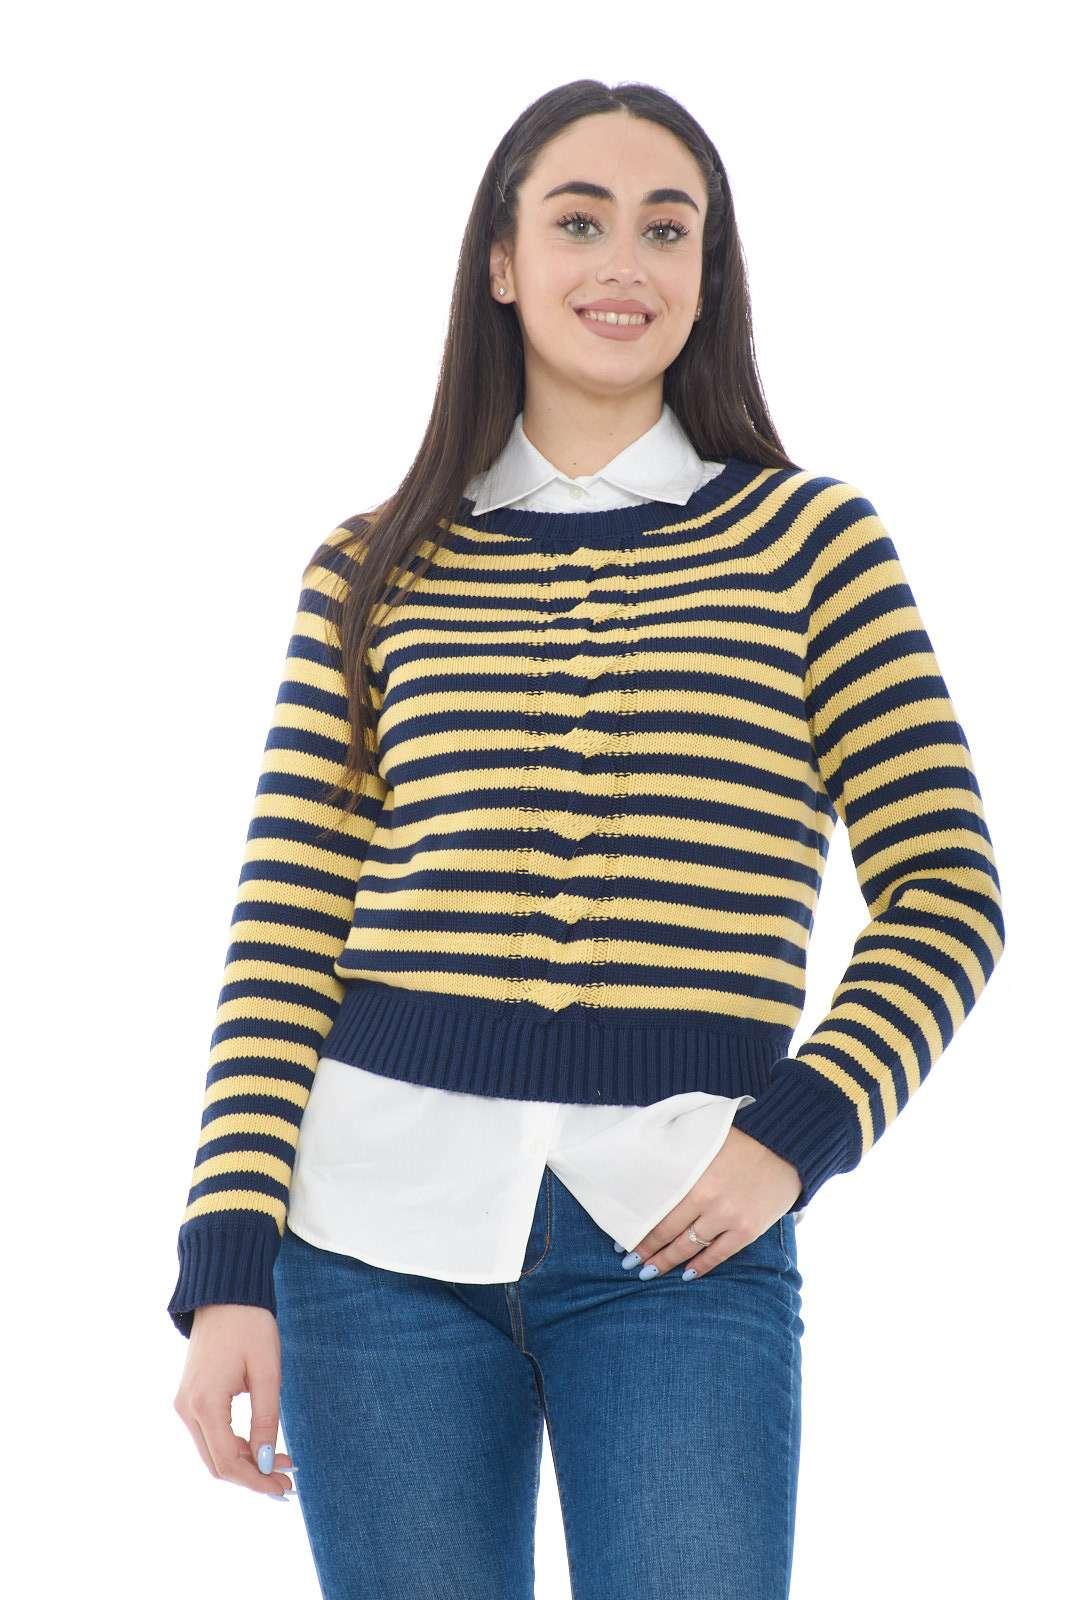 Una maglia spiritosa e fashion, firmata Weekend per la nuova collezione estiva. Perfetta da sfoggiare nelle fresche giornate primaverili, dove abbinata ad un jeans, darà vita ad un outfit semplice e di tendenza.